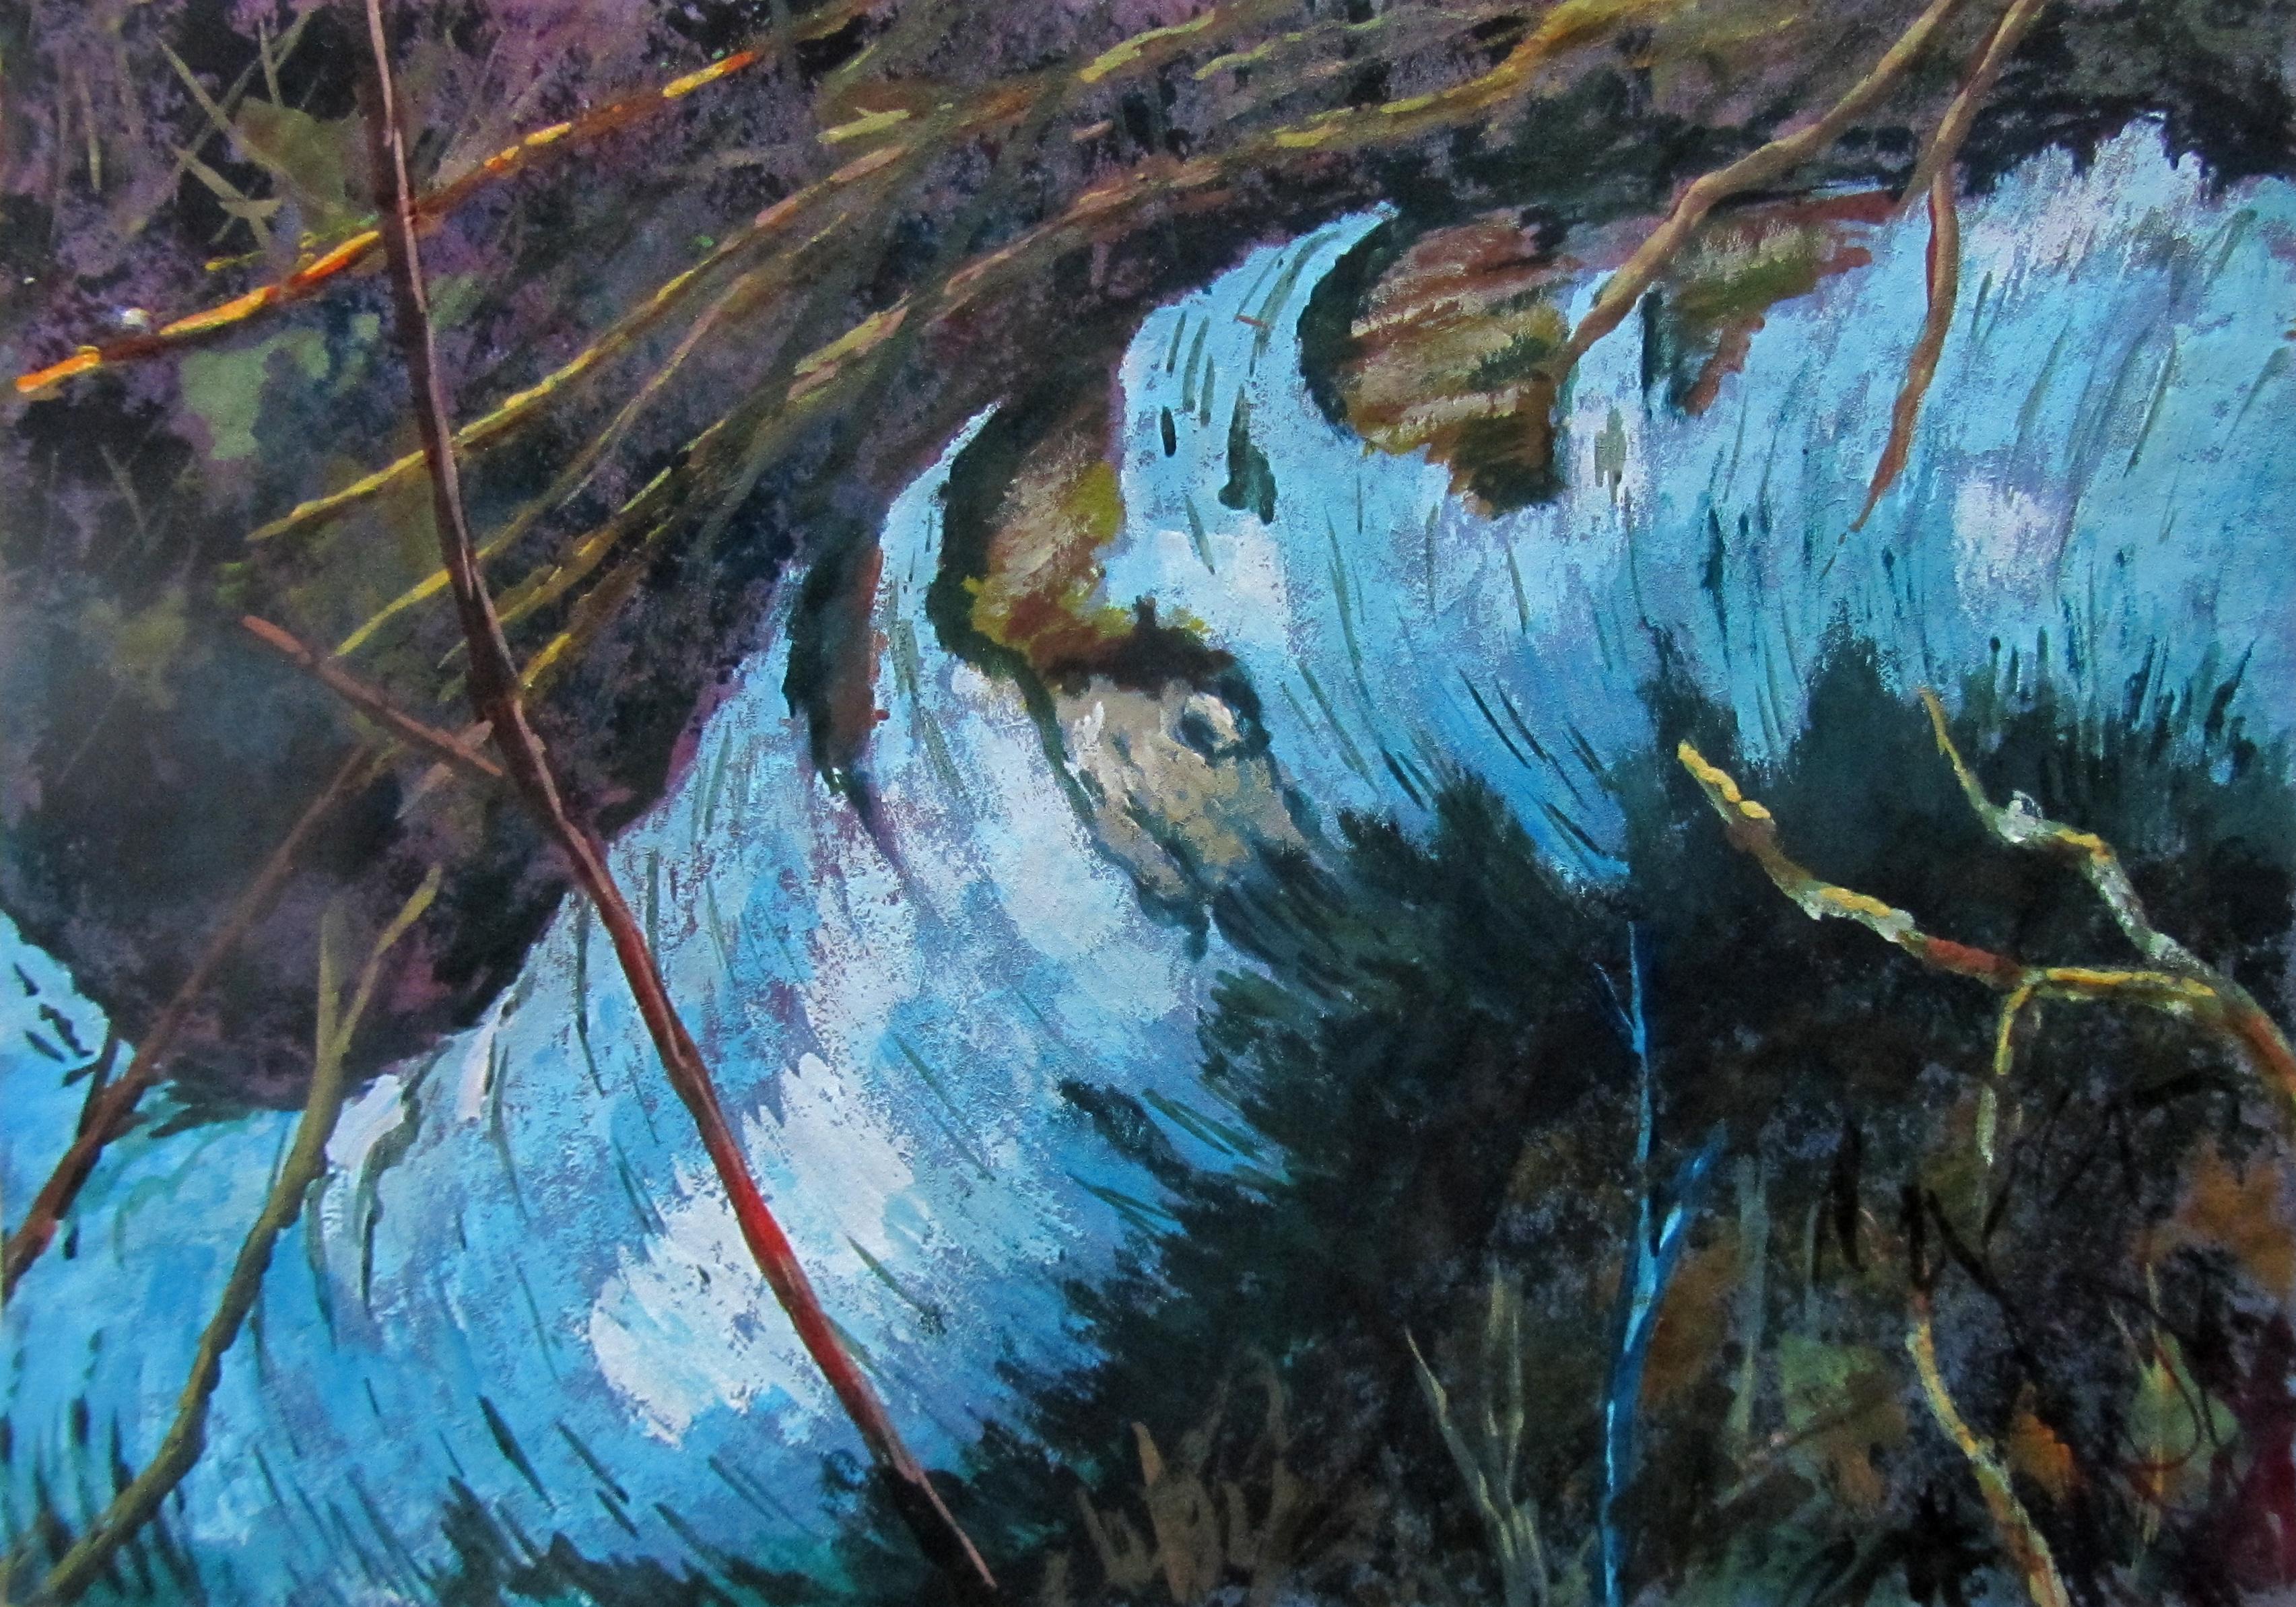 Arne, decaying birch branch